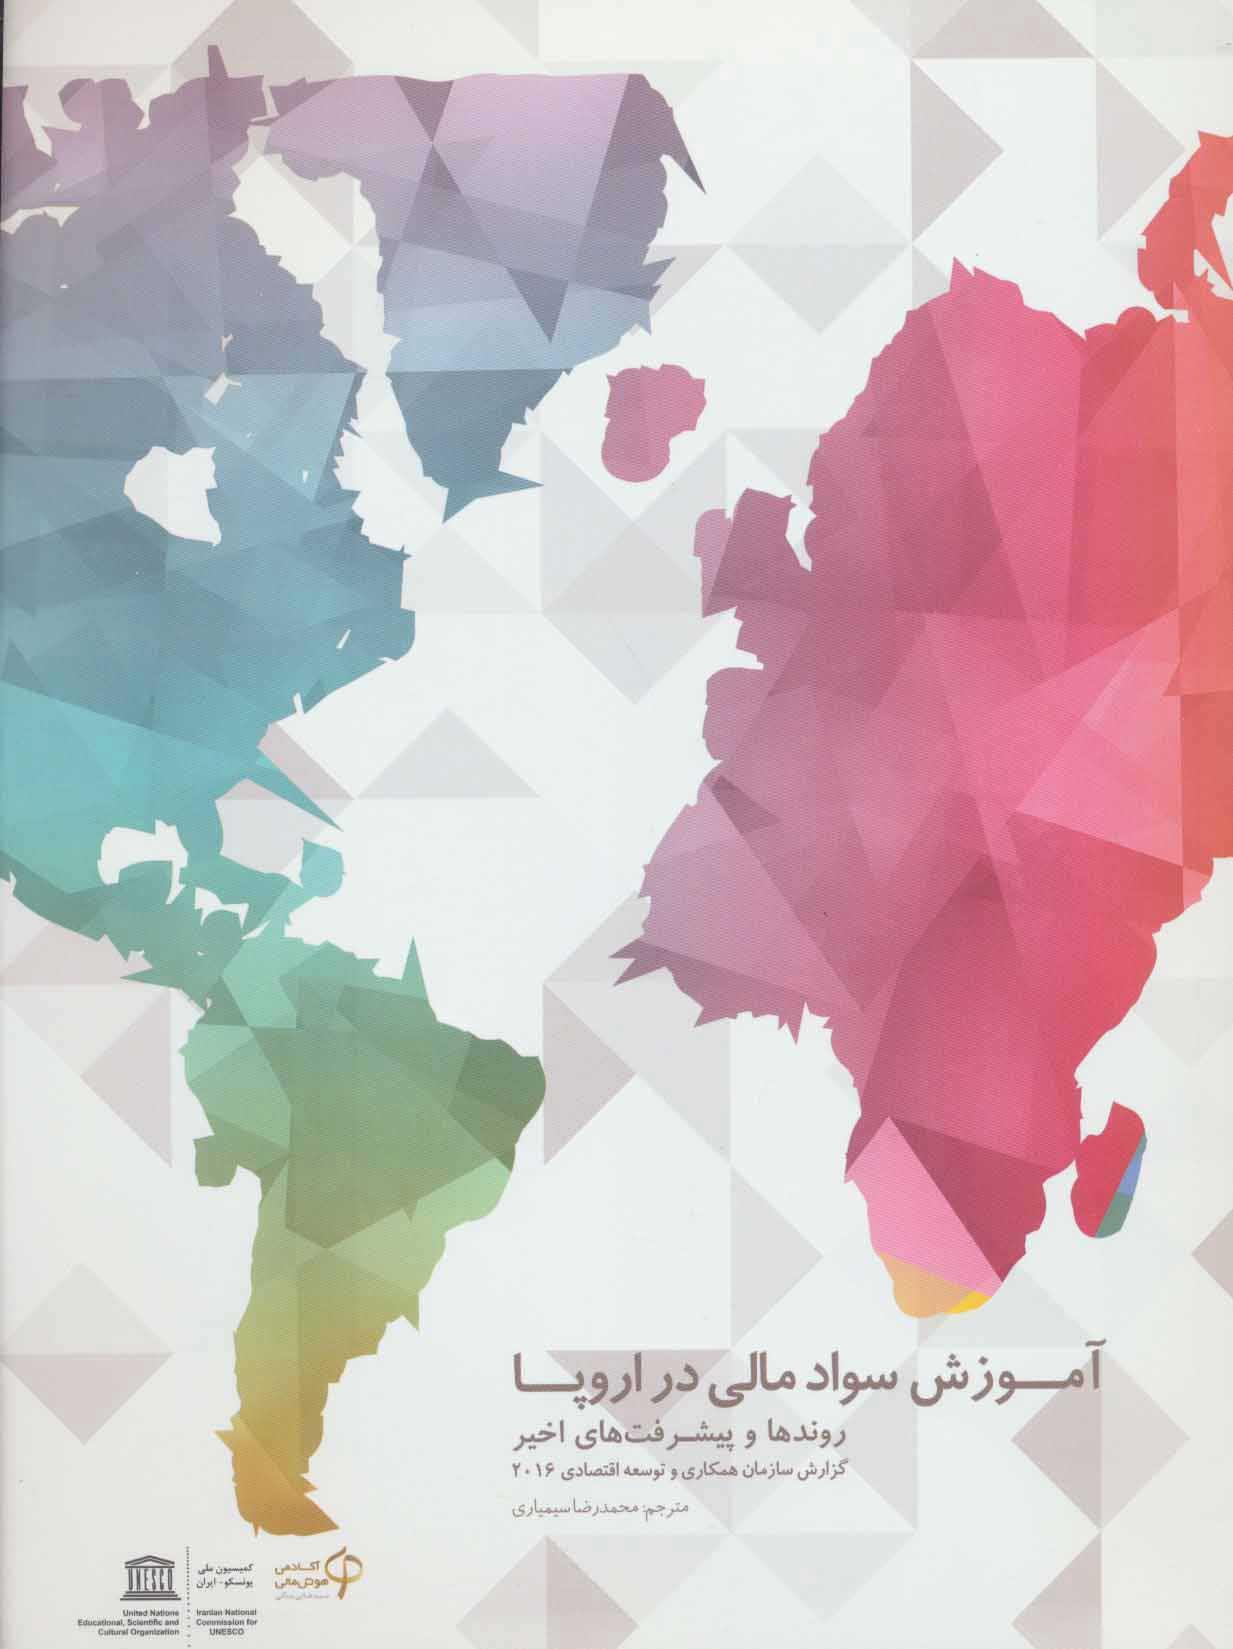 کتاب آموزش سواد مالی در اروپا